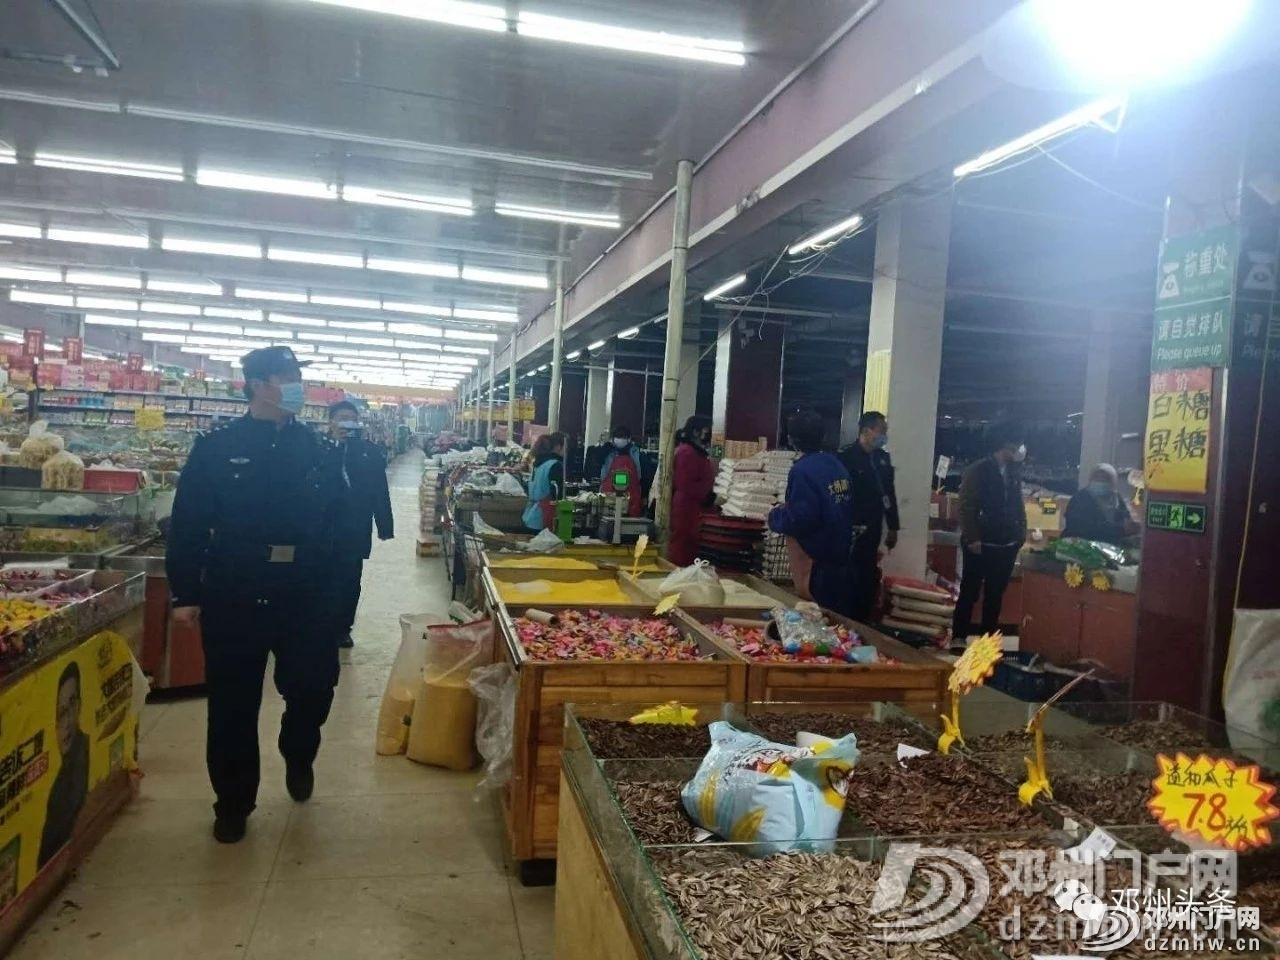 邓州:一超市被依法查处……疫情防控期间,切莫违规营业 - 邓州门户网|邓州网 - 11306102aeeb24efc3aab776bee7eec2.jpg